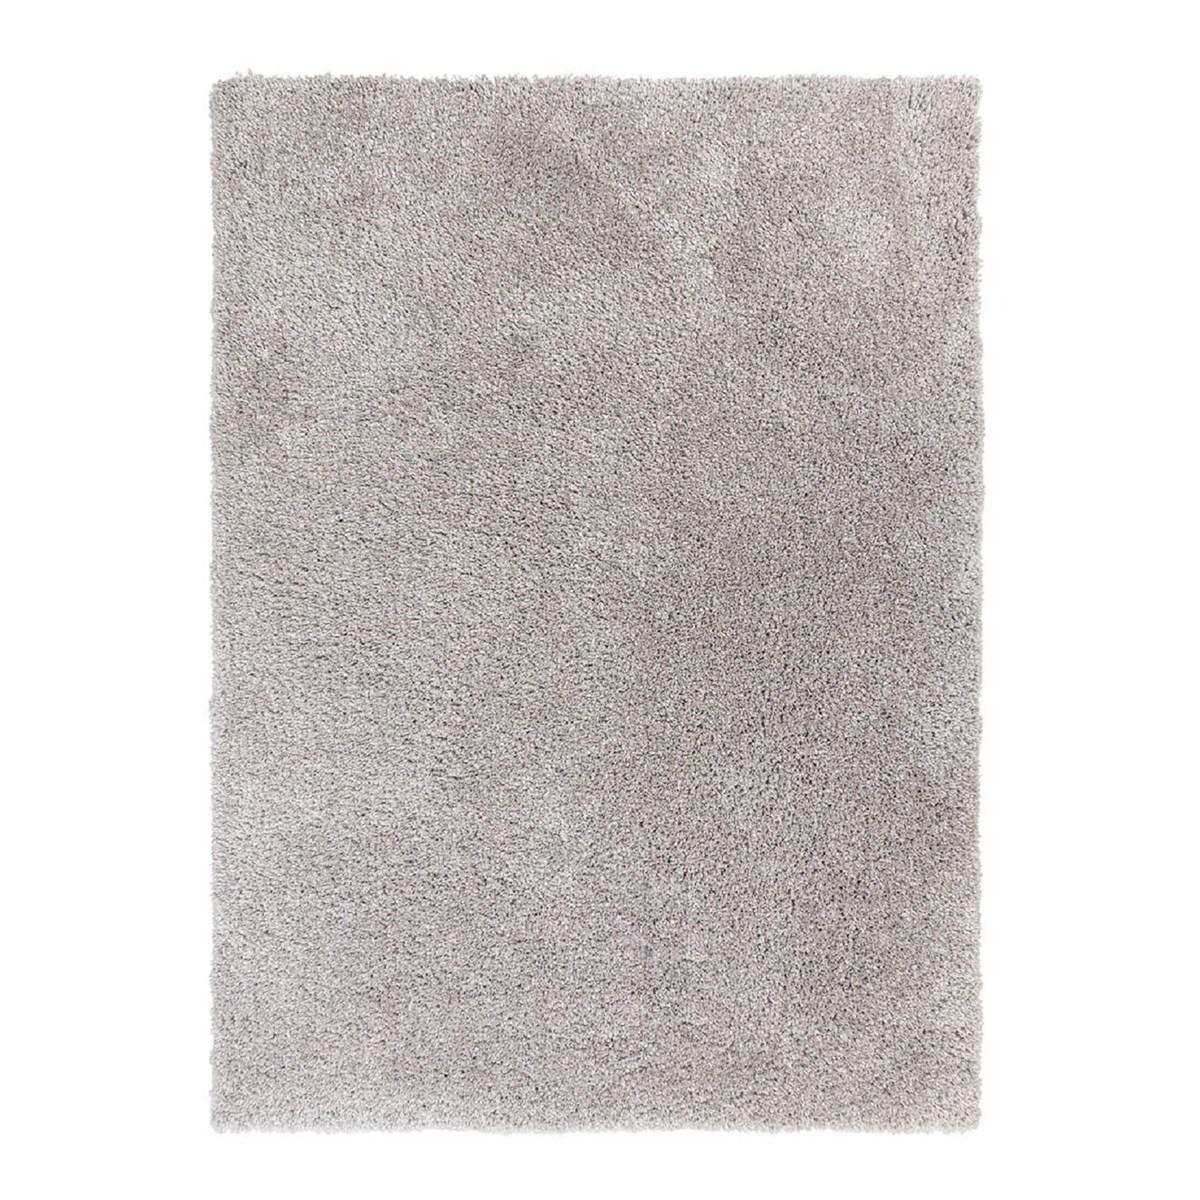 Tapis shaggy en Polyester Argent 200x290 cm